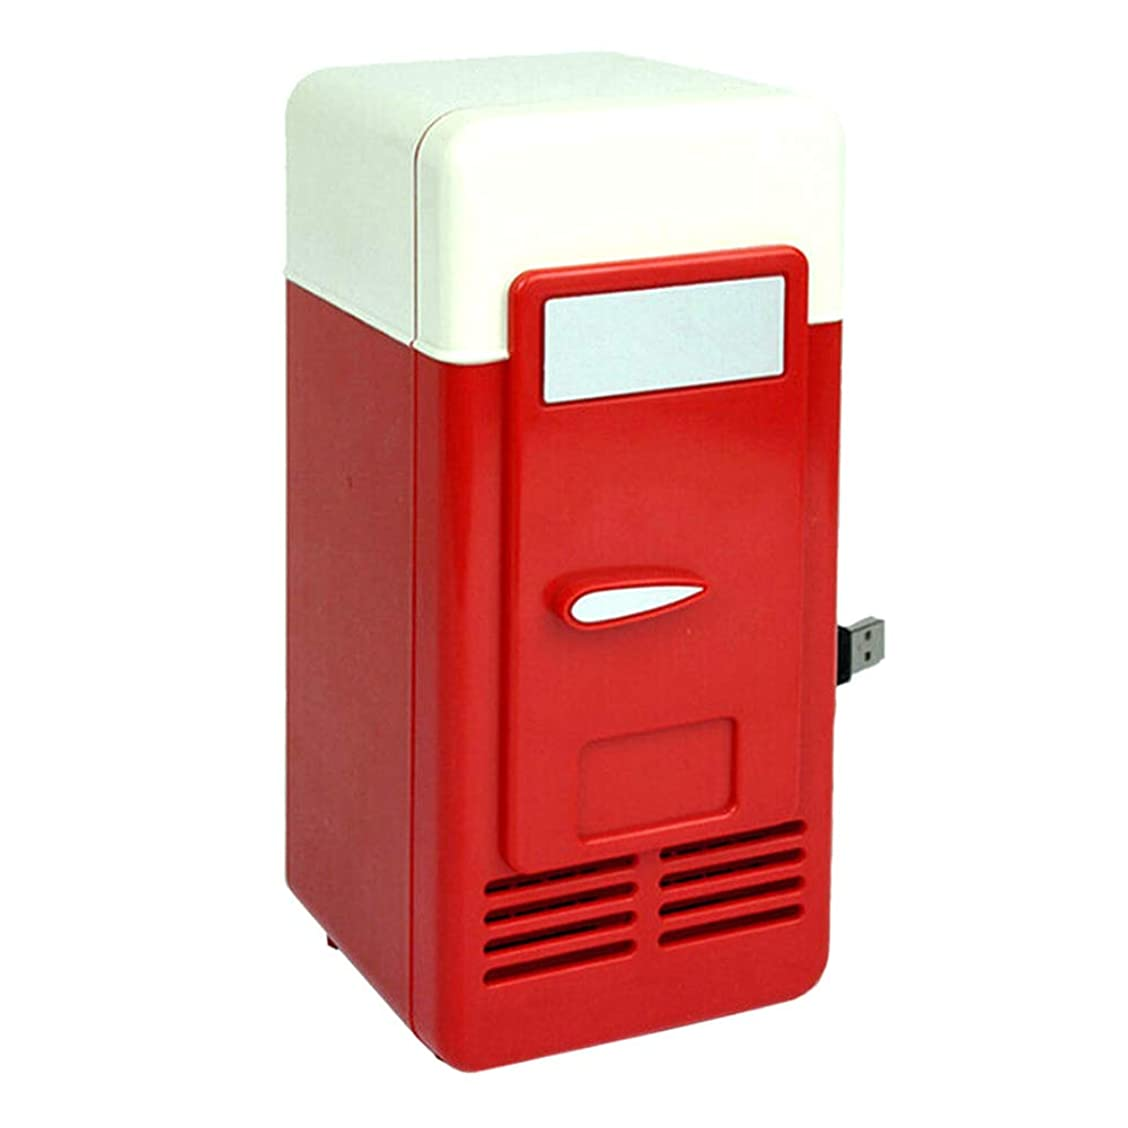 ほかにセージここにRETYLY USBミニ冷蔵庫コールドドロップドッピング冷凍庫USBミニ冷蔵庫小型ポータブルソーダミニ冷蔵庫 カー用レッド